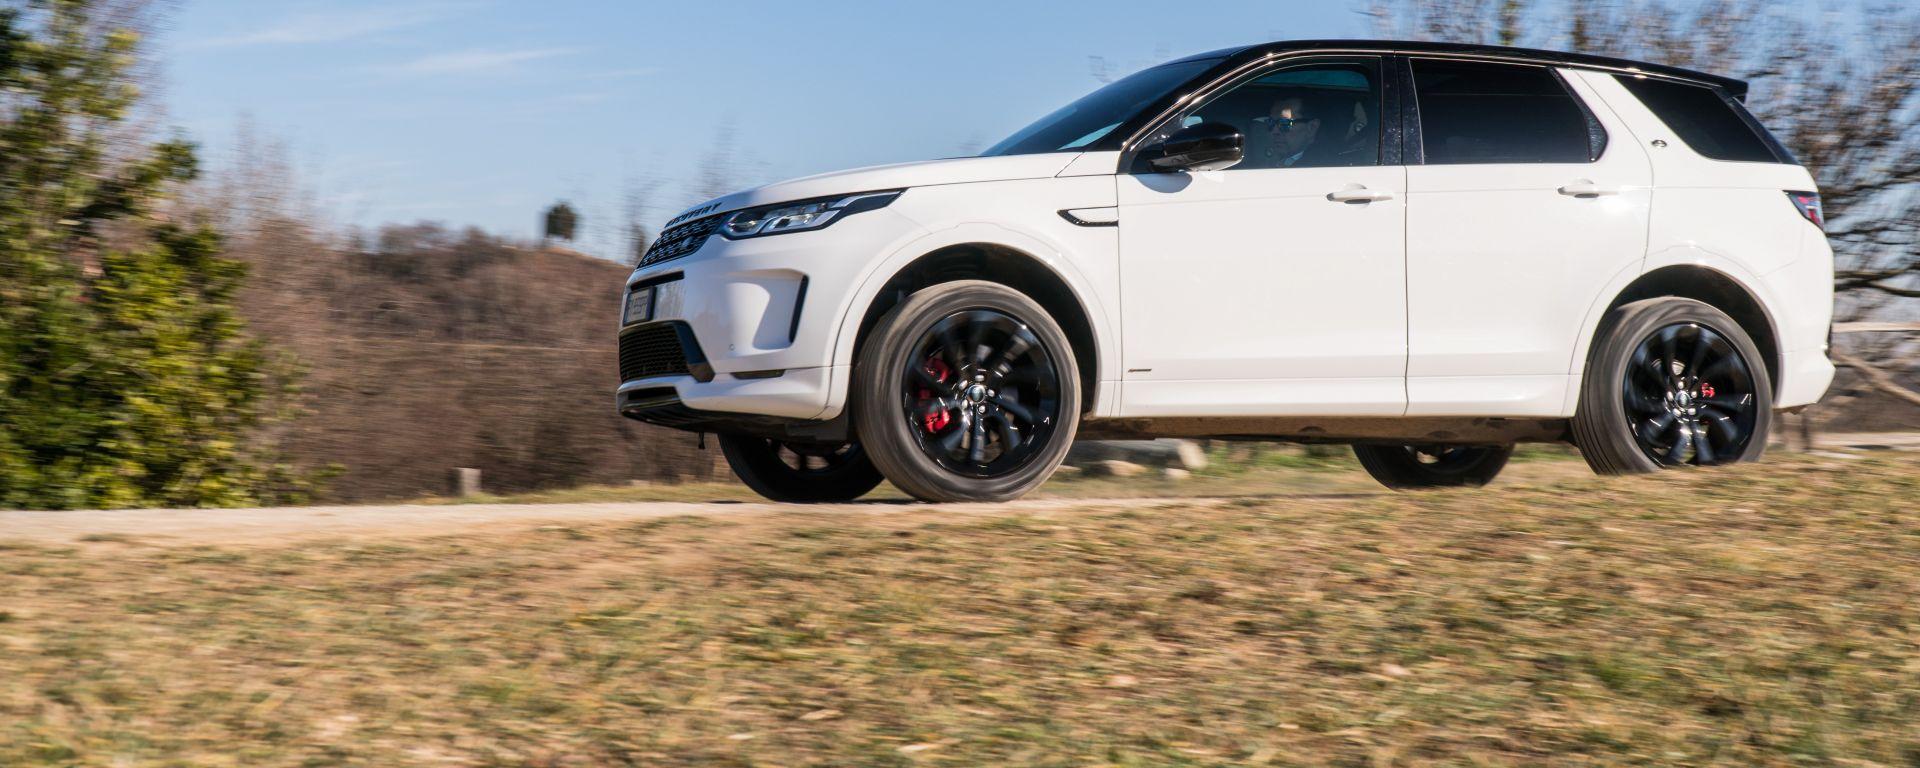 Land Rover Discovery Sport: la prova su strada e in fuoristrada